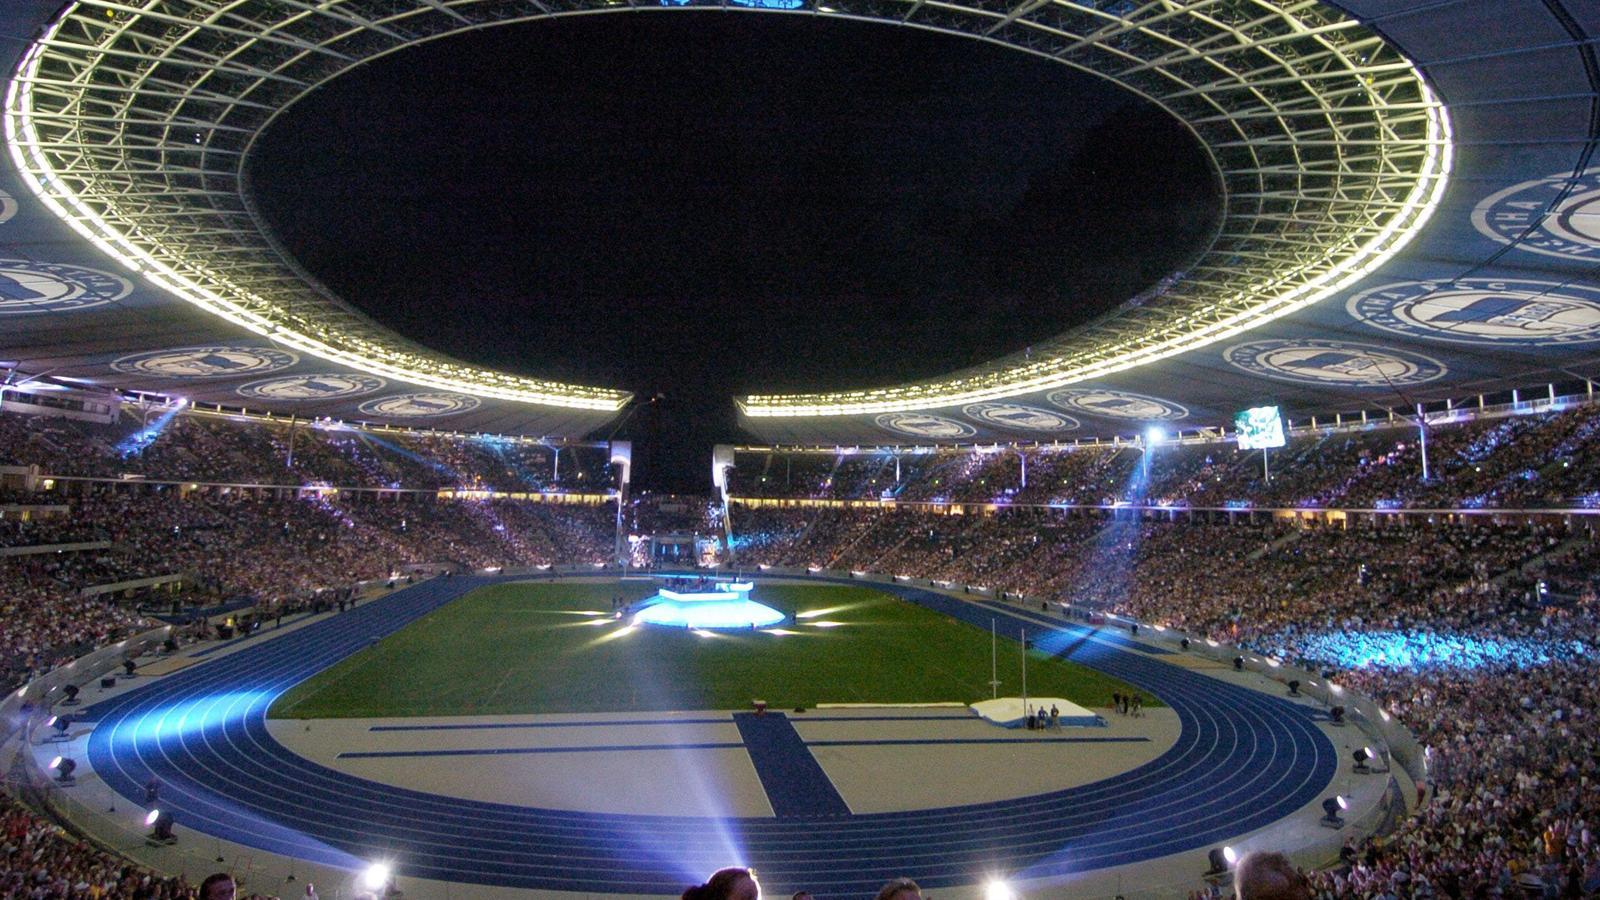 Stade olympique de berlin coupe du monde 2006 football eurosport - Coupe du monde de foot 2006 ...